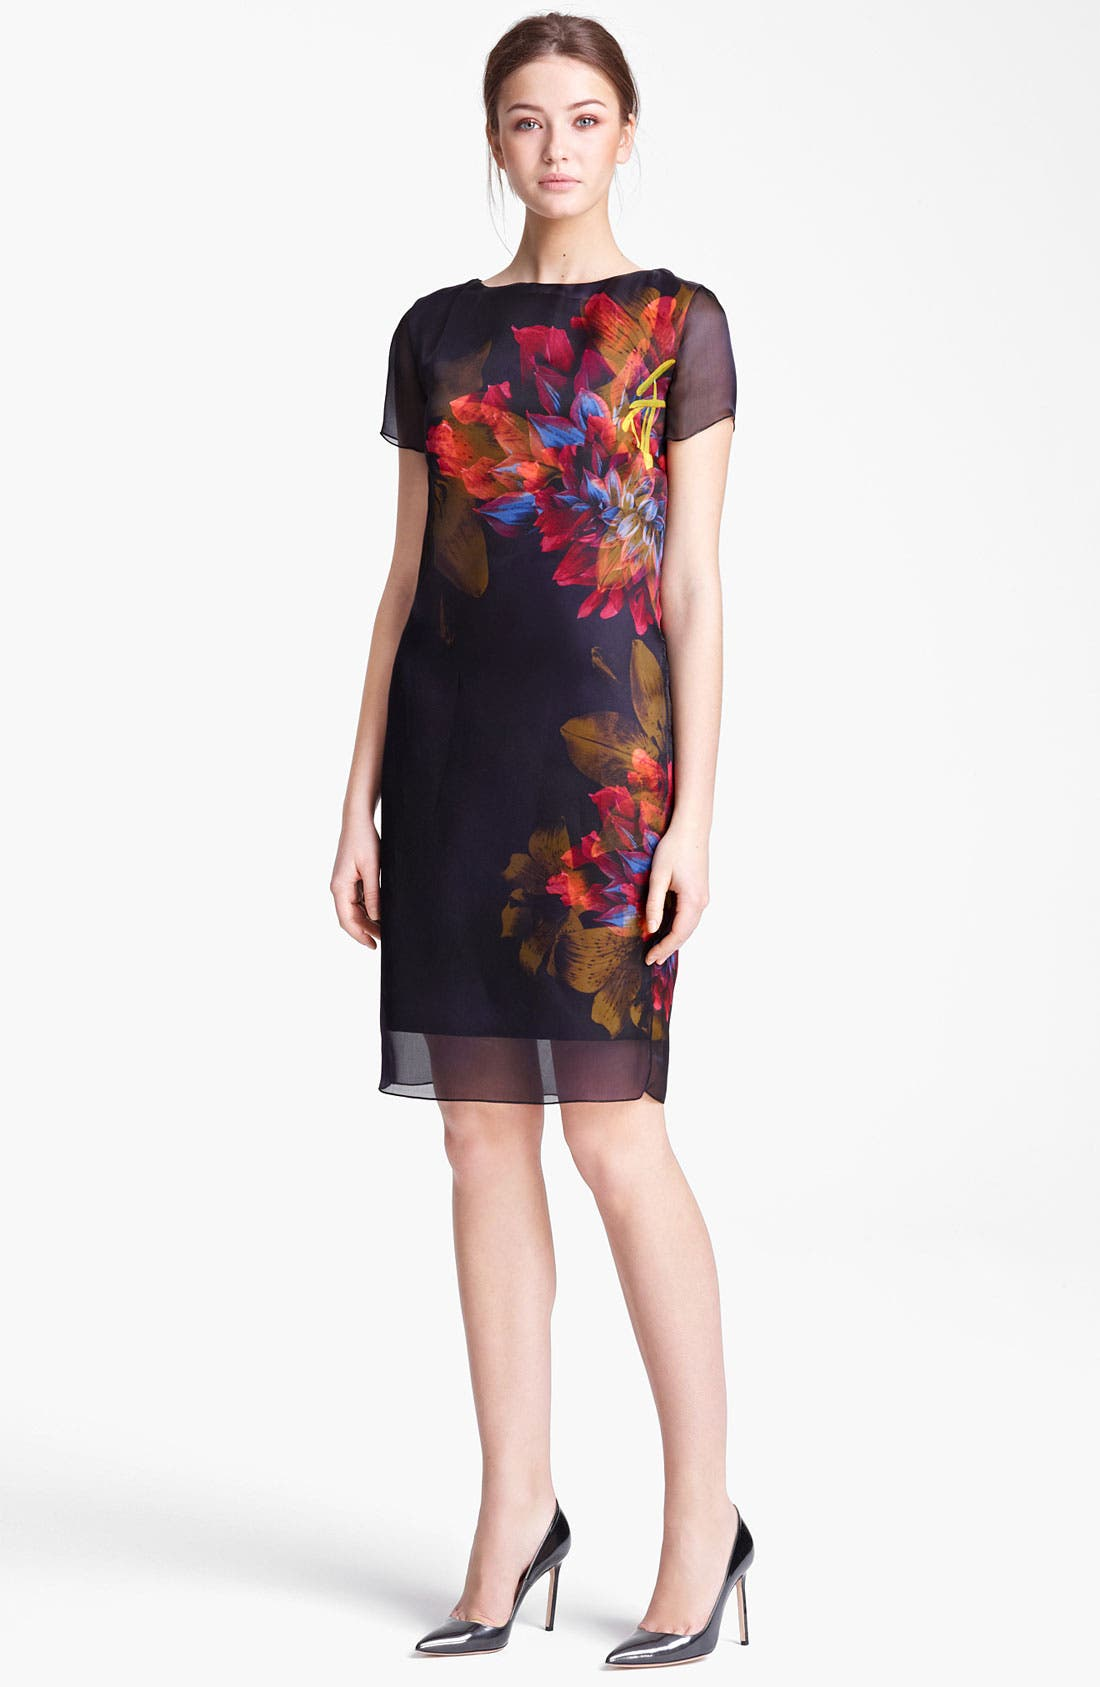 Main Image - Max Mara 'Algusto' Print Organza Dress